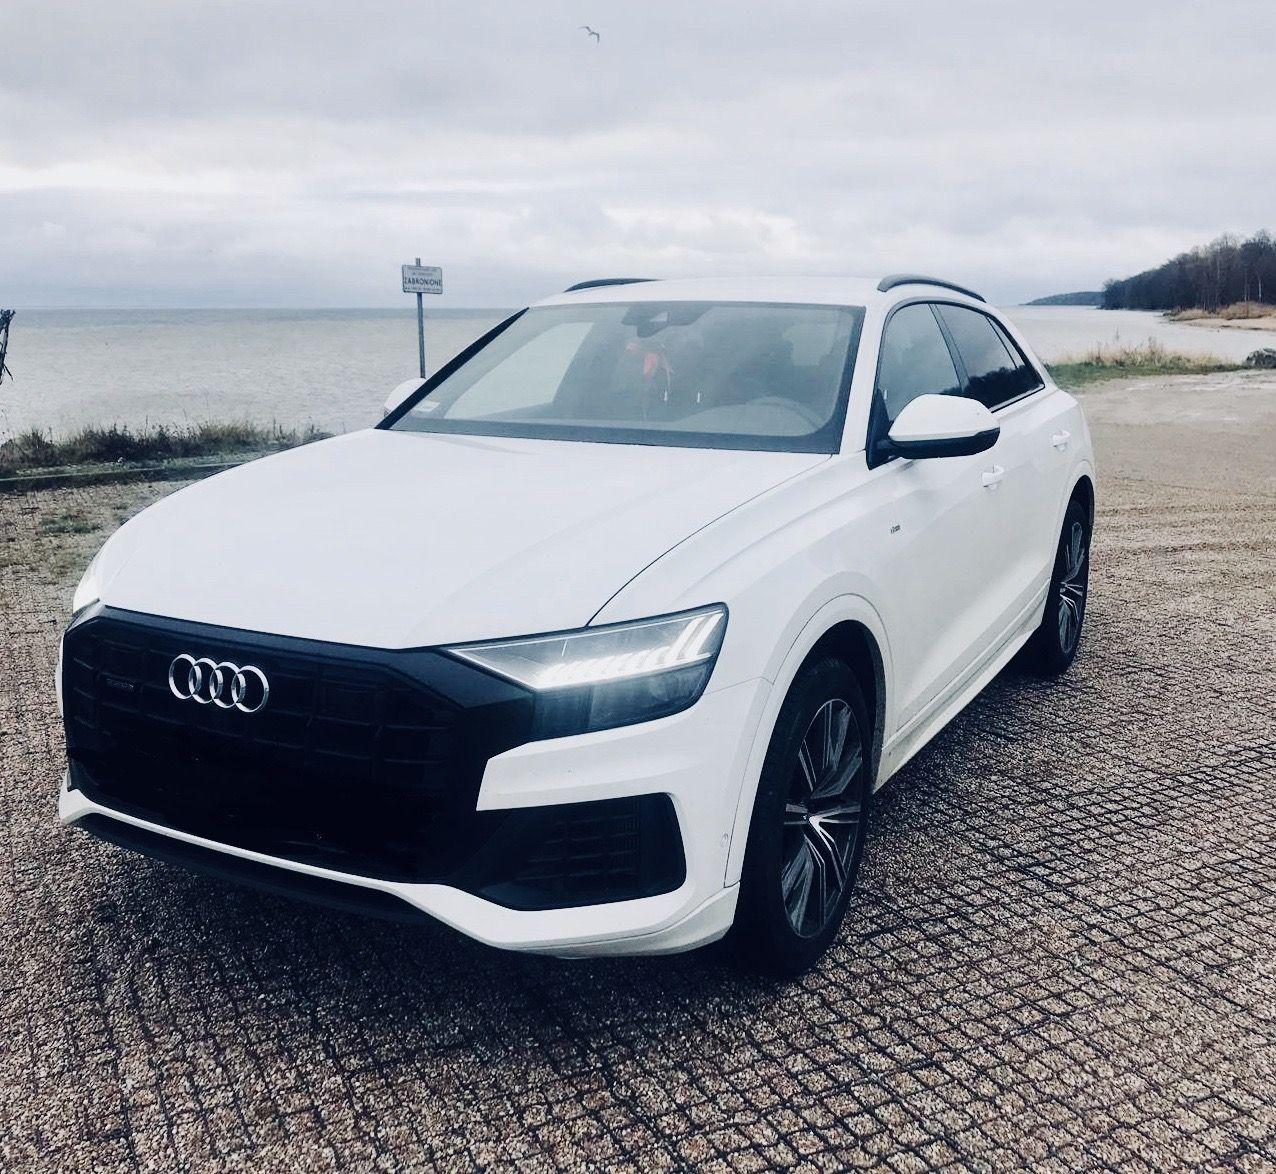 Audi Q8 In 2020 Dream Cars Audi Q Audi